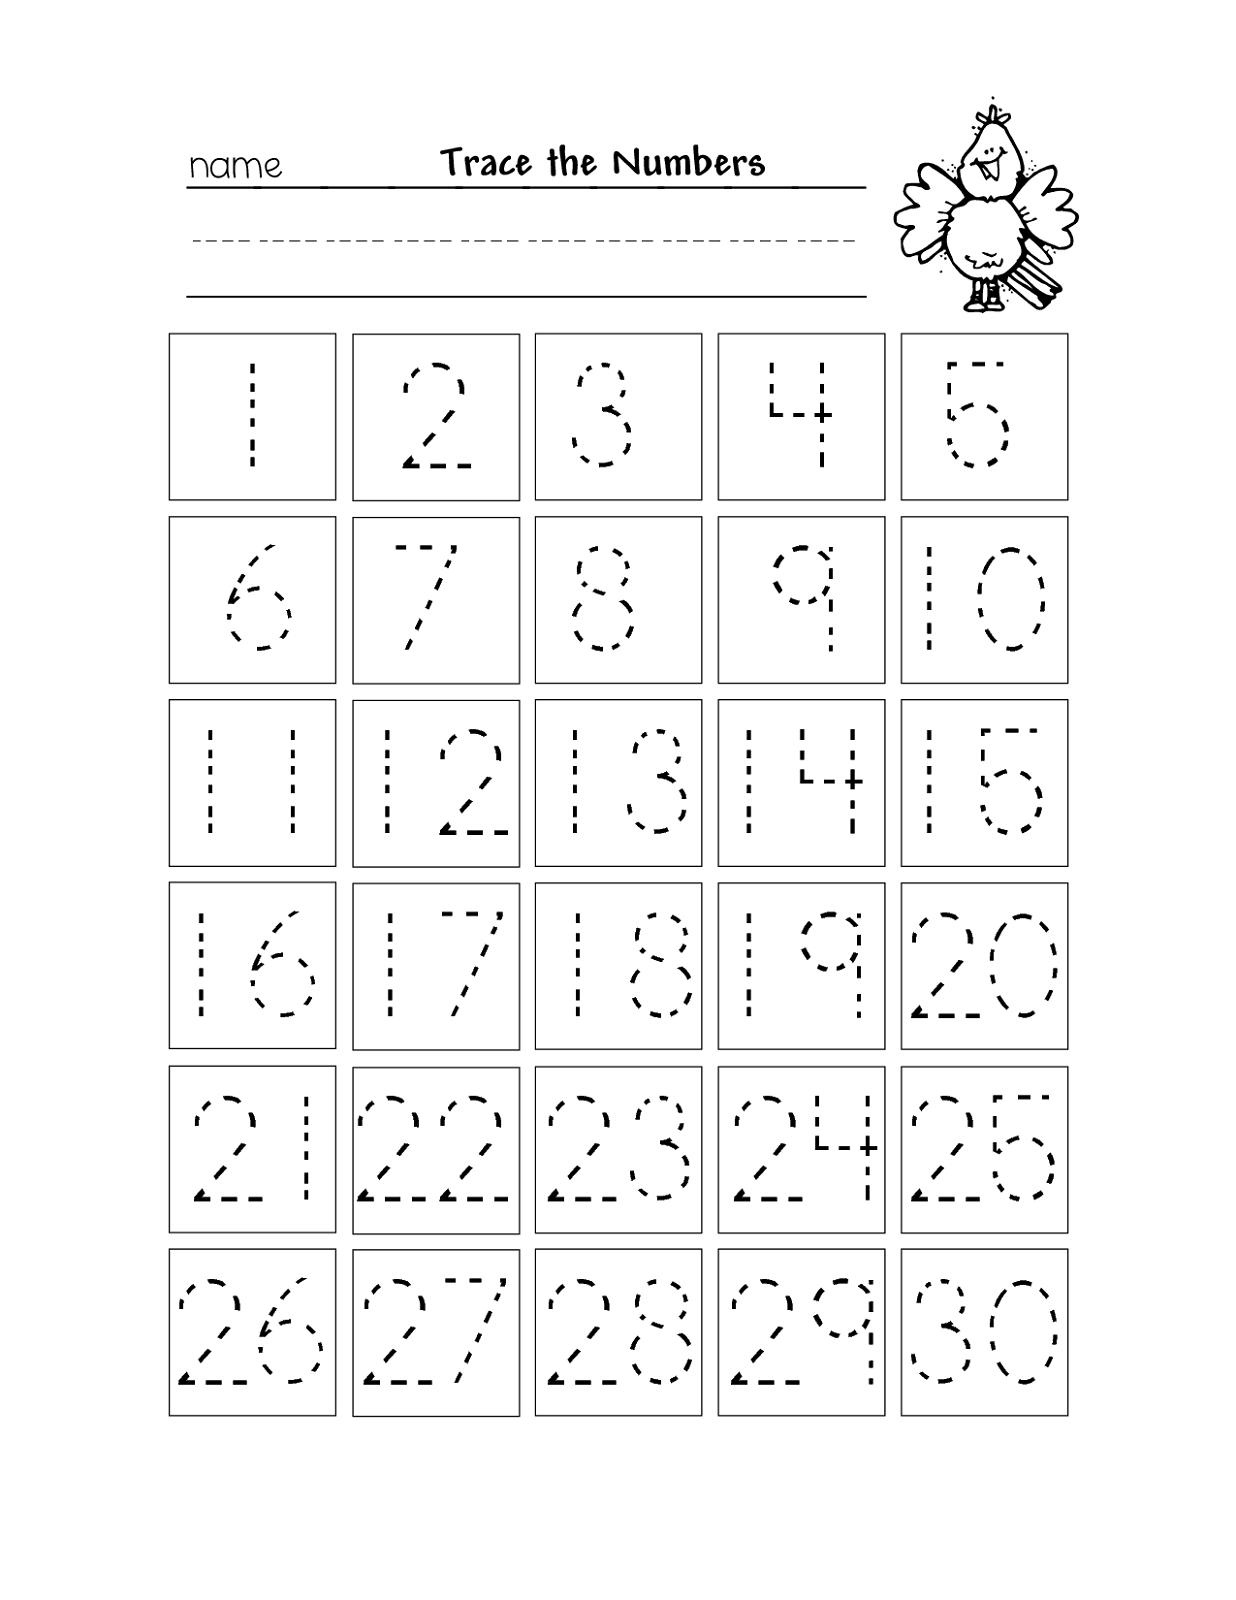 Free Printable Number Chart 1-30 | Kinder | Numbers Preschool - Free Printable Number Chart 1 10